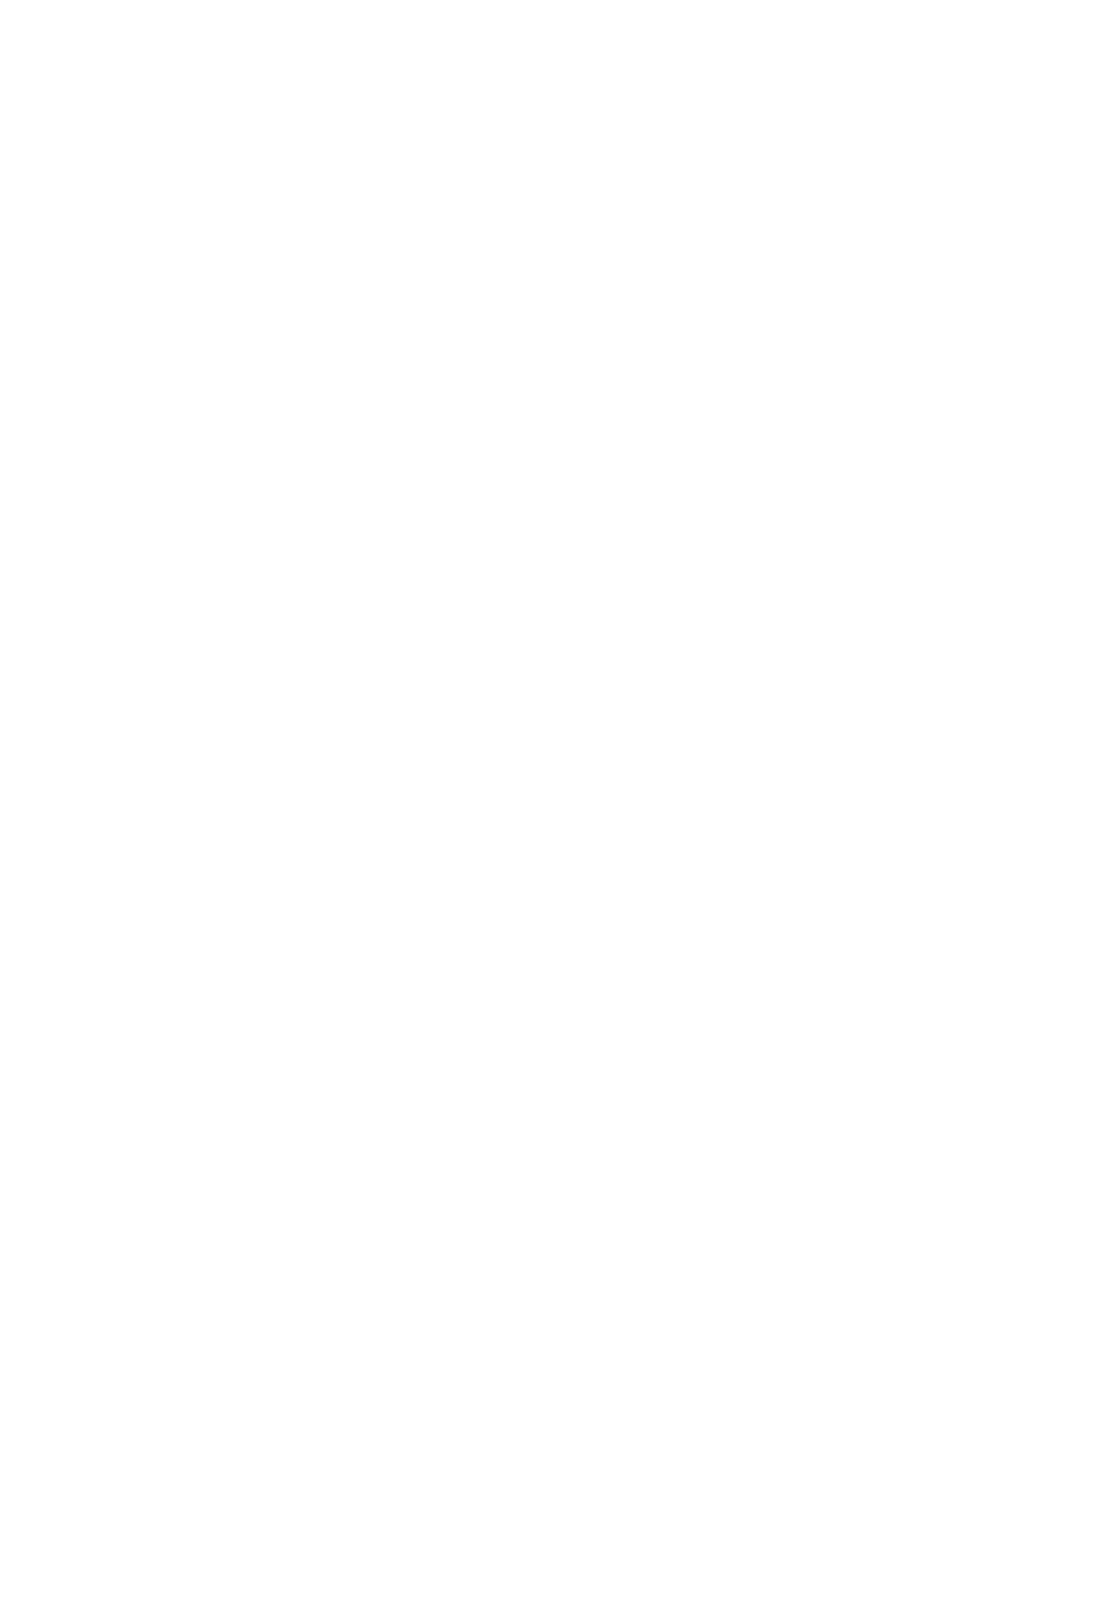 (C74) [L.L.MILK (Sumeragi Kohaku)] Inn-Yan-FOR (Dragon Quest IV) 1